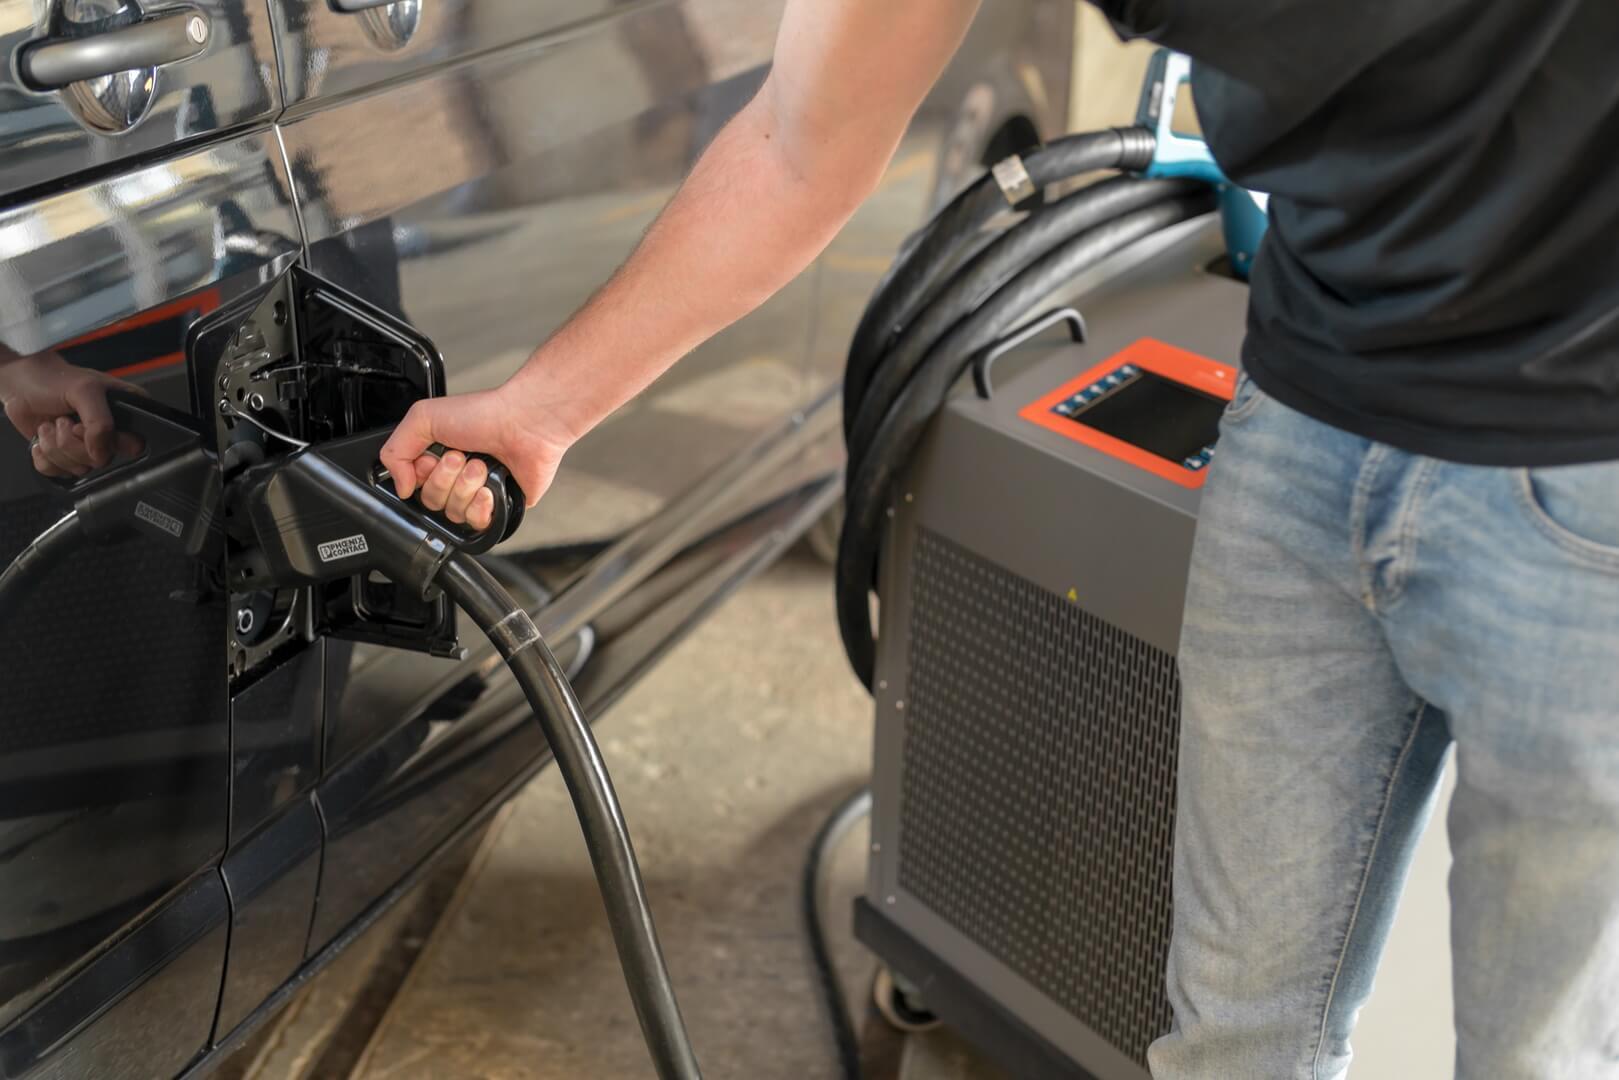 Мобільна станція від Winterthur скоротить час зарядки електромобілів